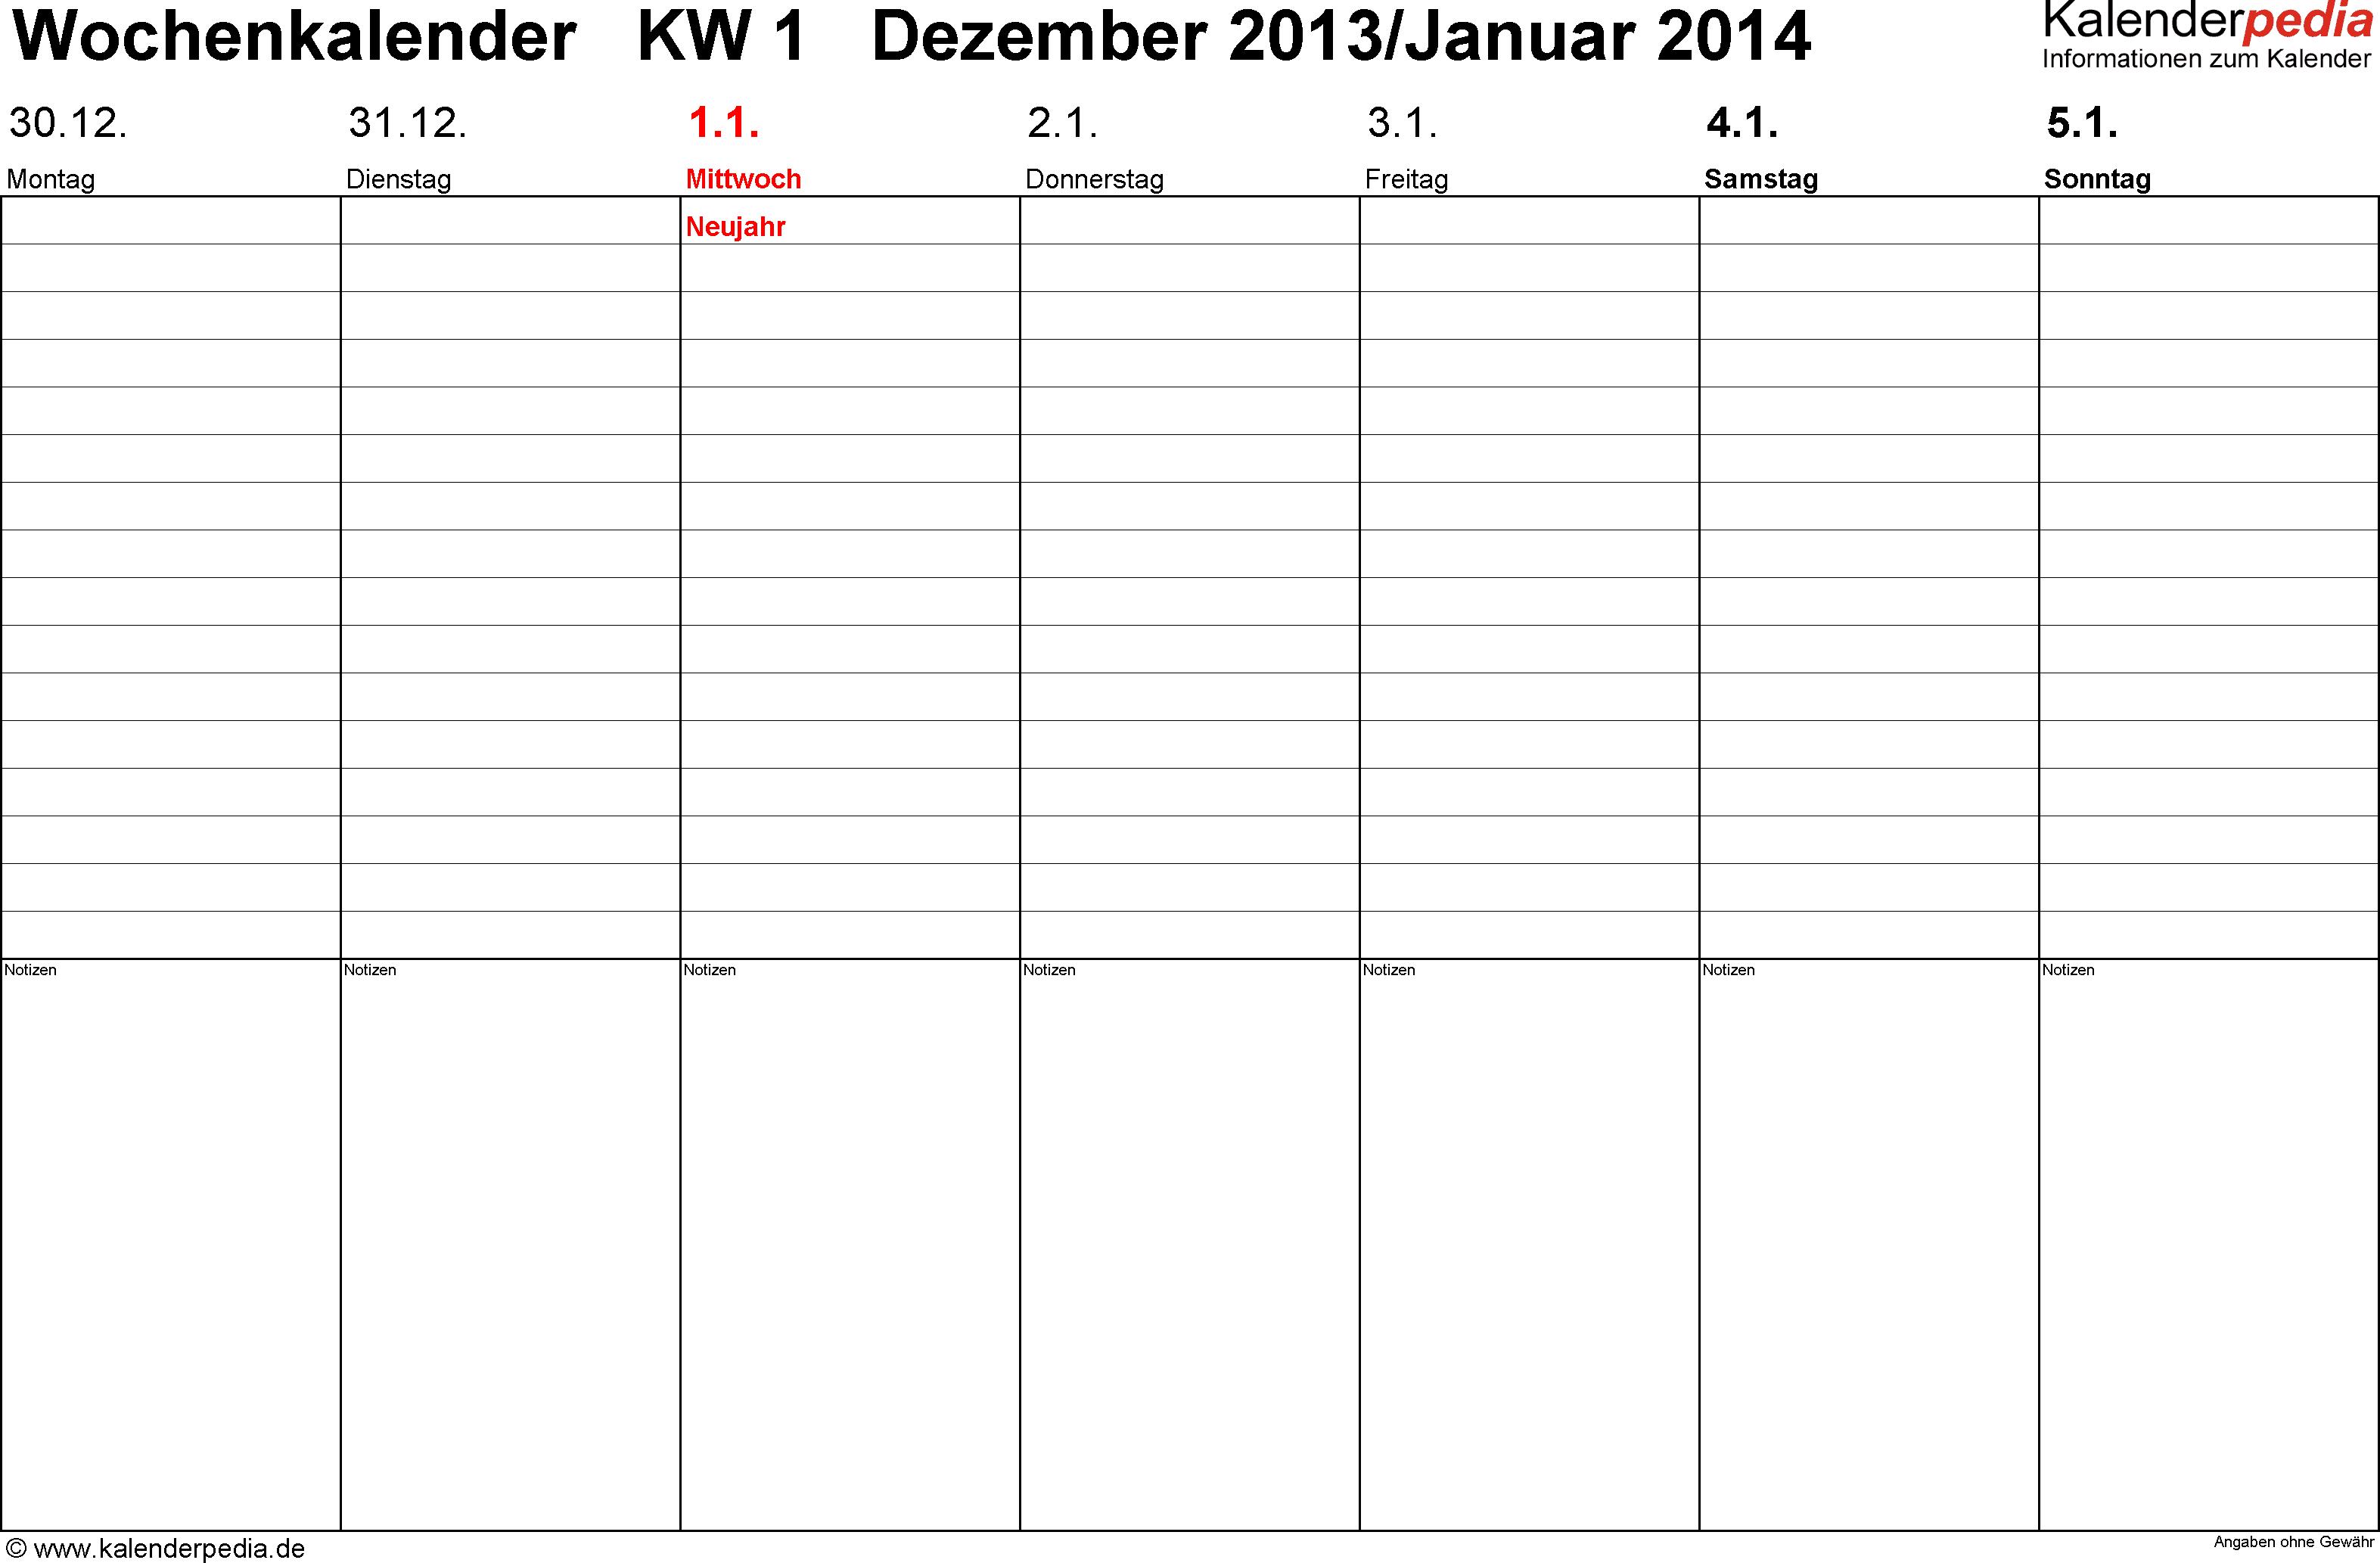 Wochenkalender 2014 als Excel-Vorlagen zum Ausdrucken